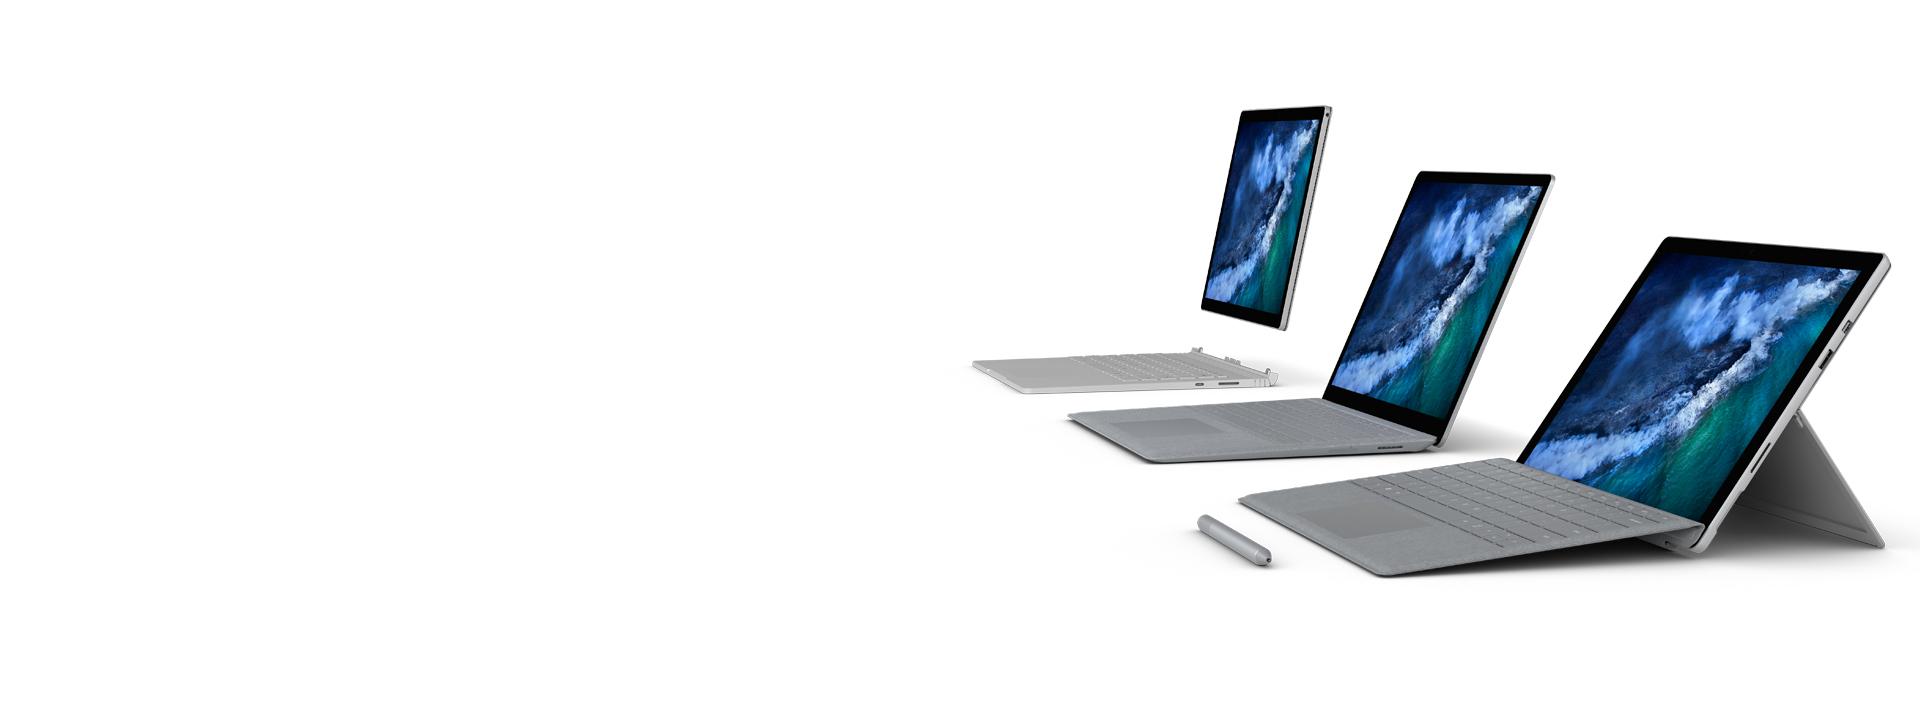 Familia de Surface: Surface Pro, Surface Laptop y Surface Book 2